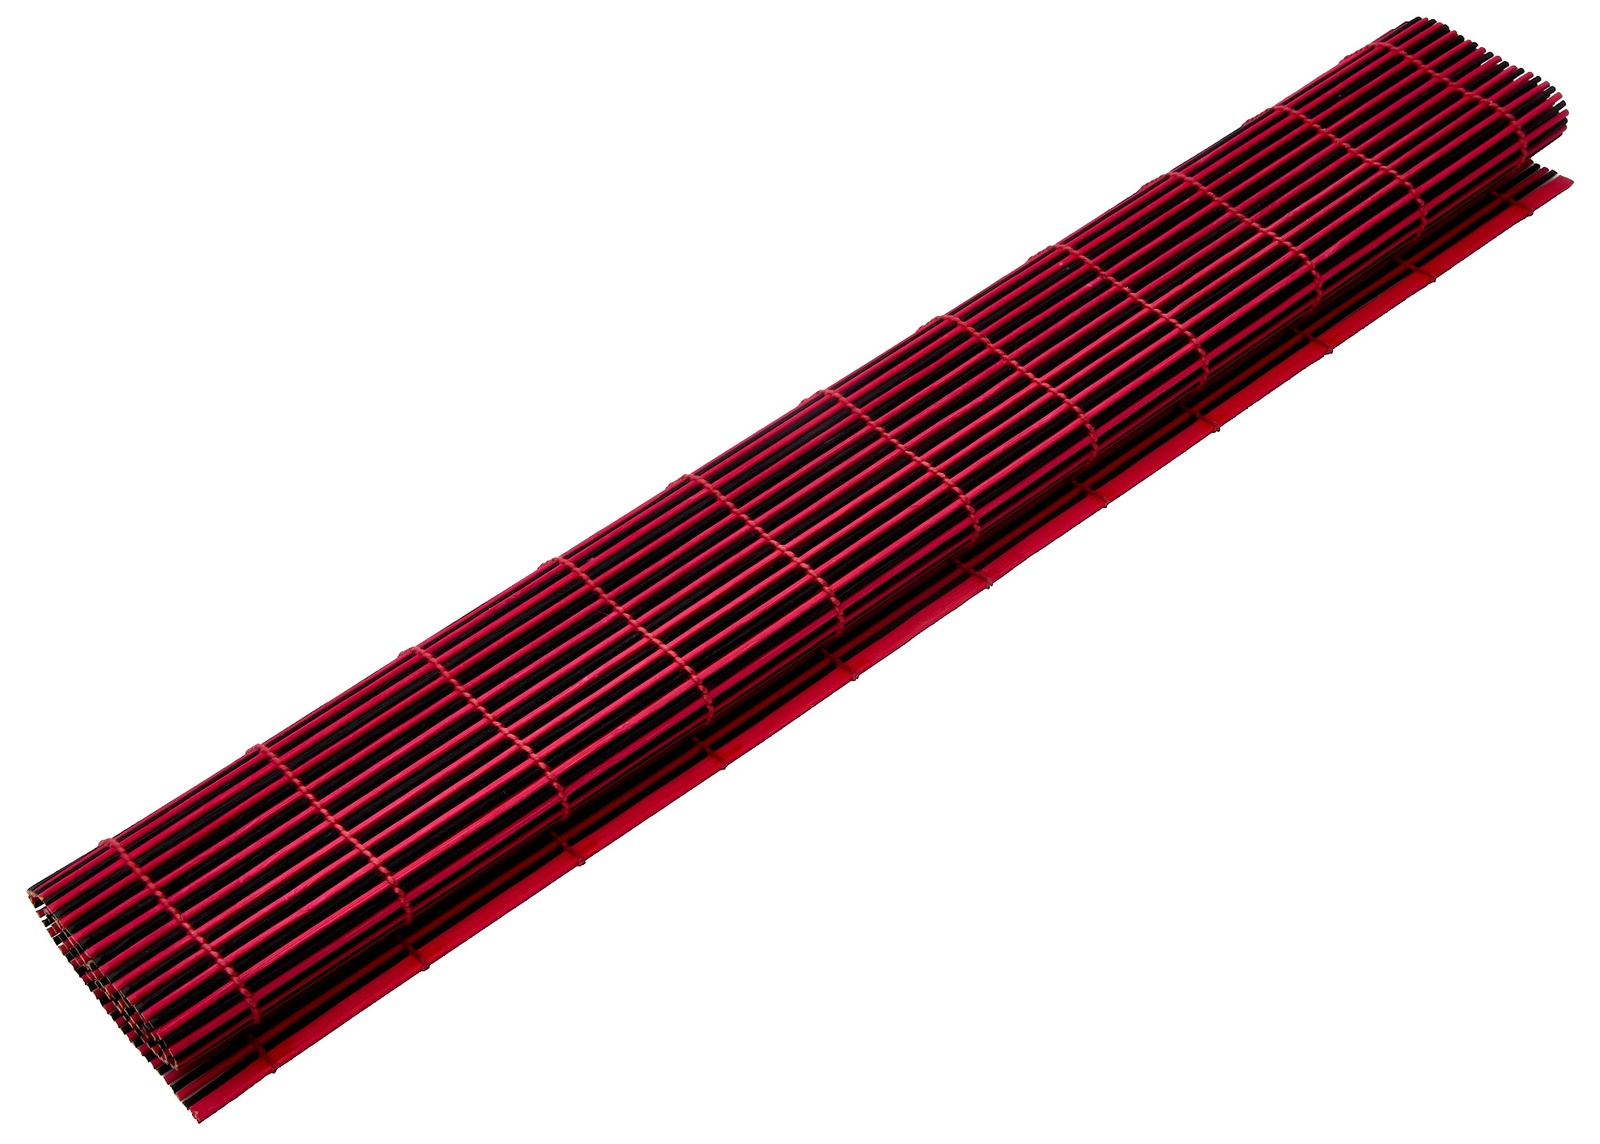 Скатерть для сервировки Катунь, КТ-СФ-14, черно-красный, 600*900 мм